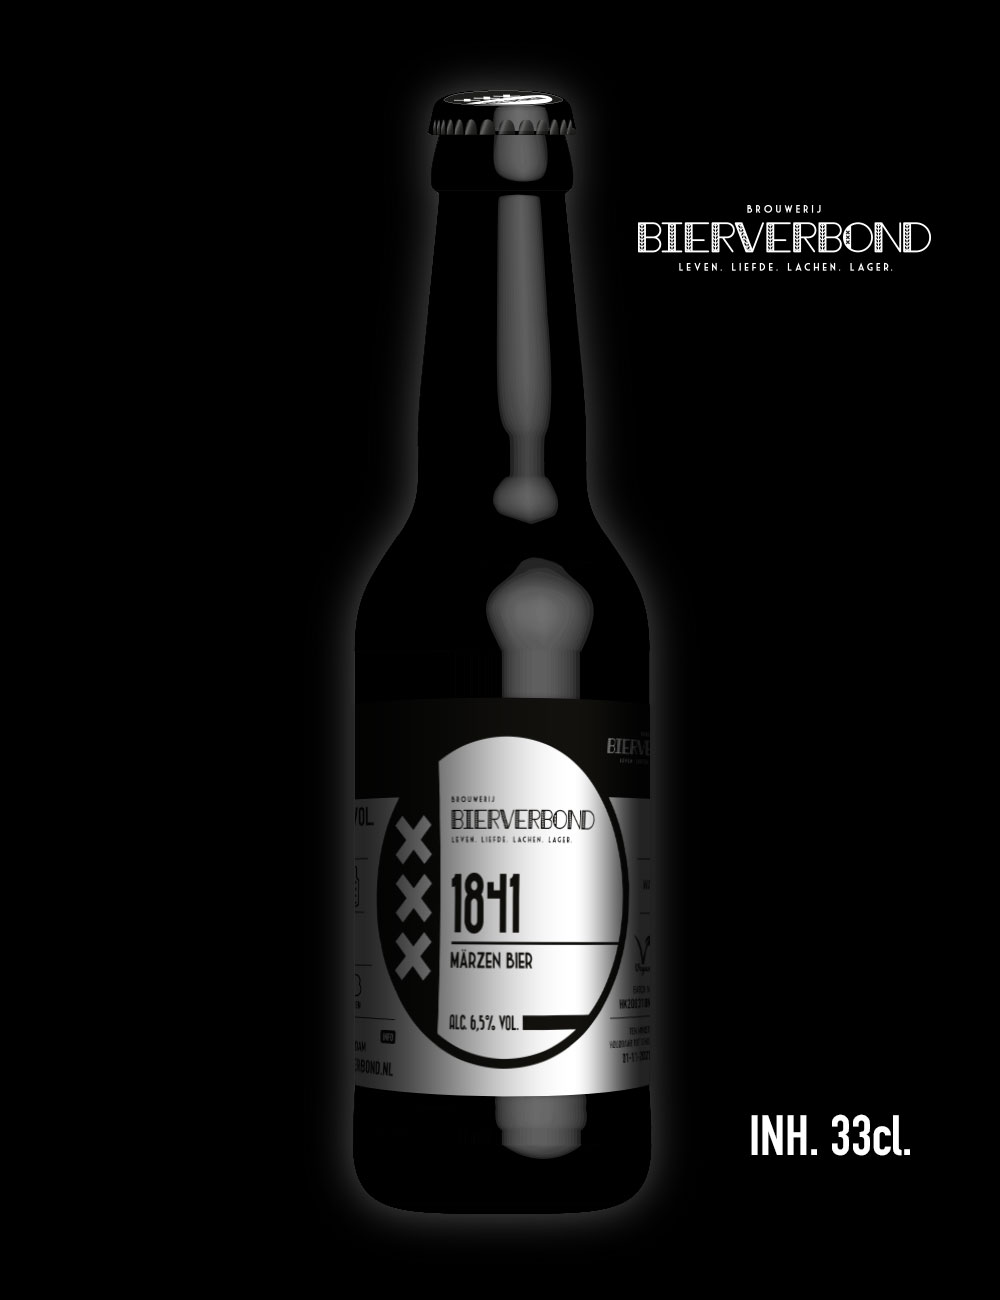 1841 of Brouwerij Bierverbond